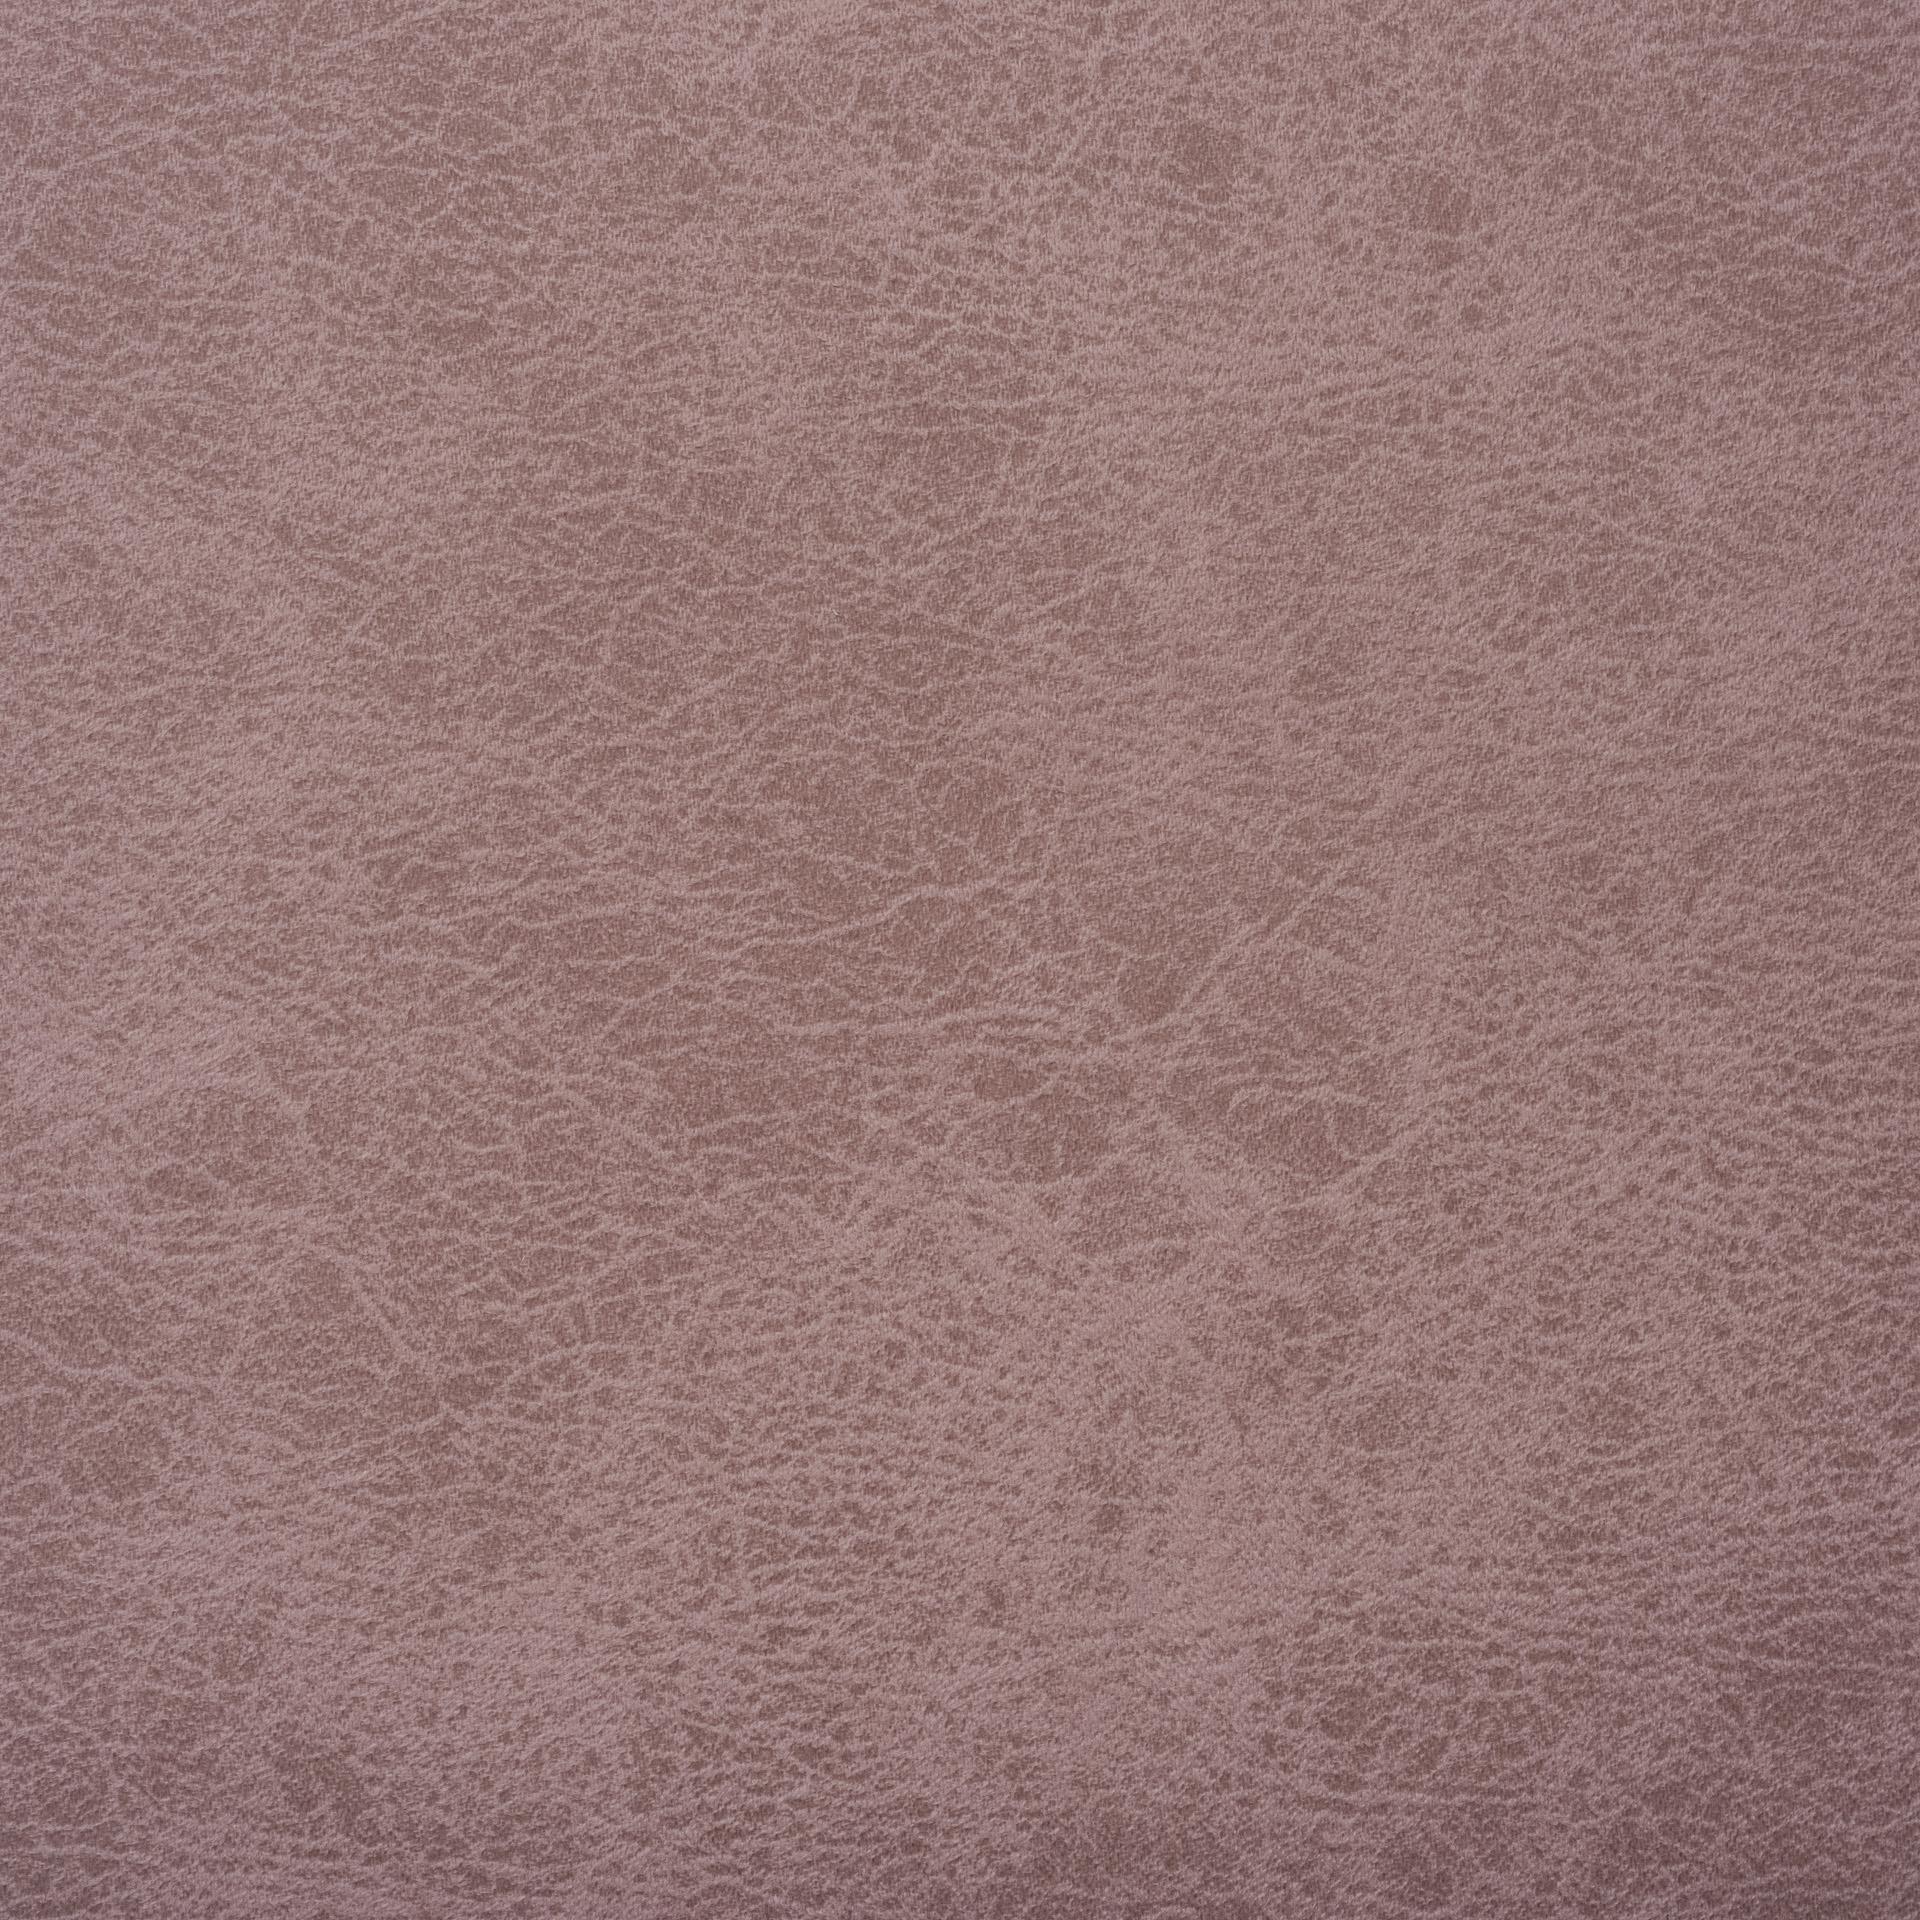 Коллекция ткани Лора 36,  купить ткань Велюр для мебели Украина